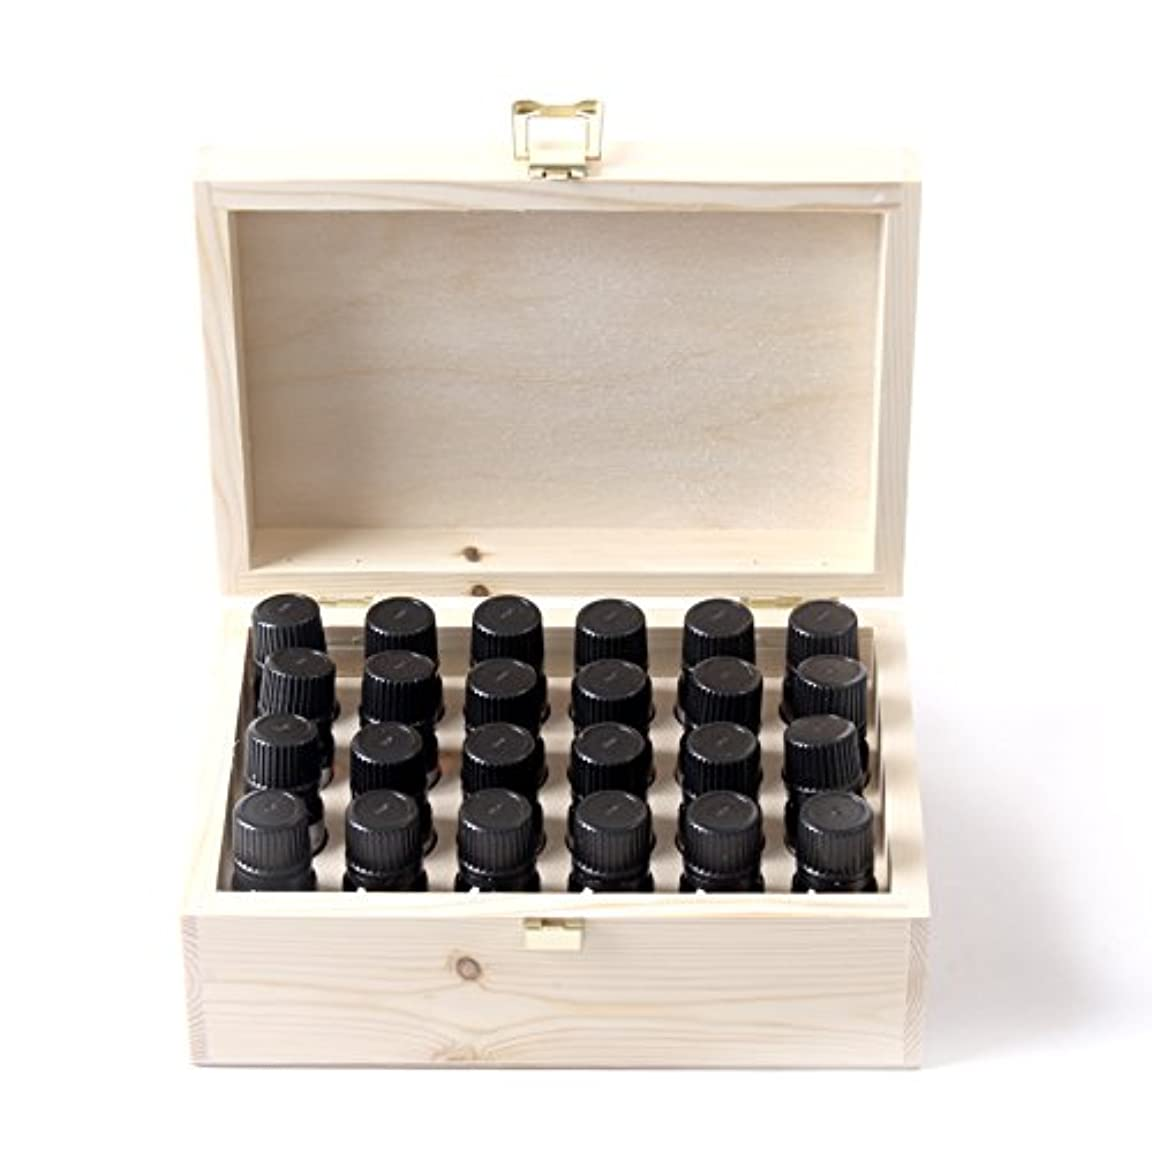 すぐにページェント改善するMystic Moments | Essential Oil Starter Pack In Wooden Gift Box - 24 x 10ml - 100% Pure